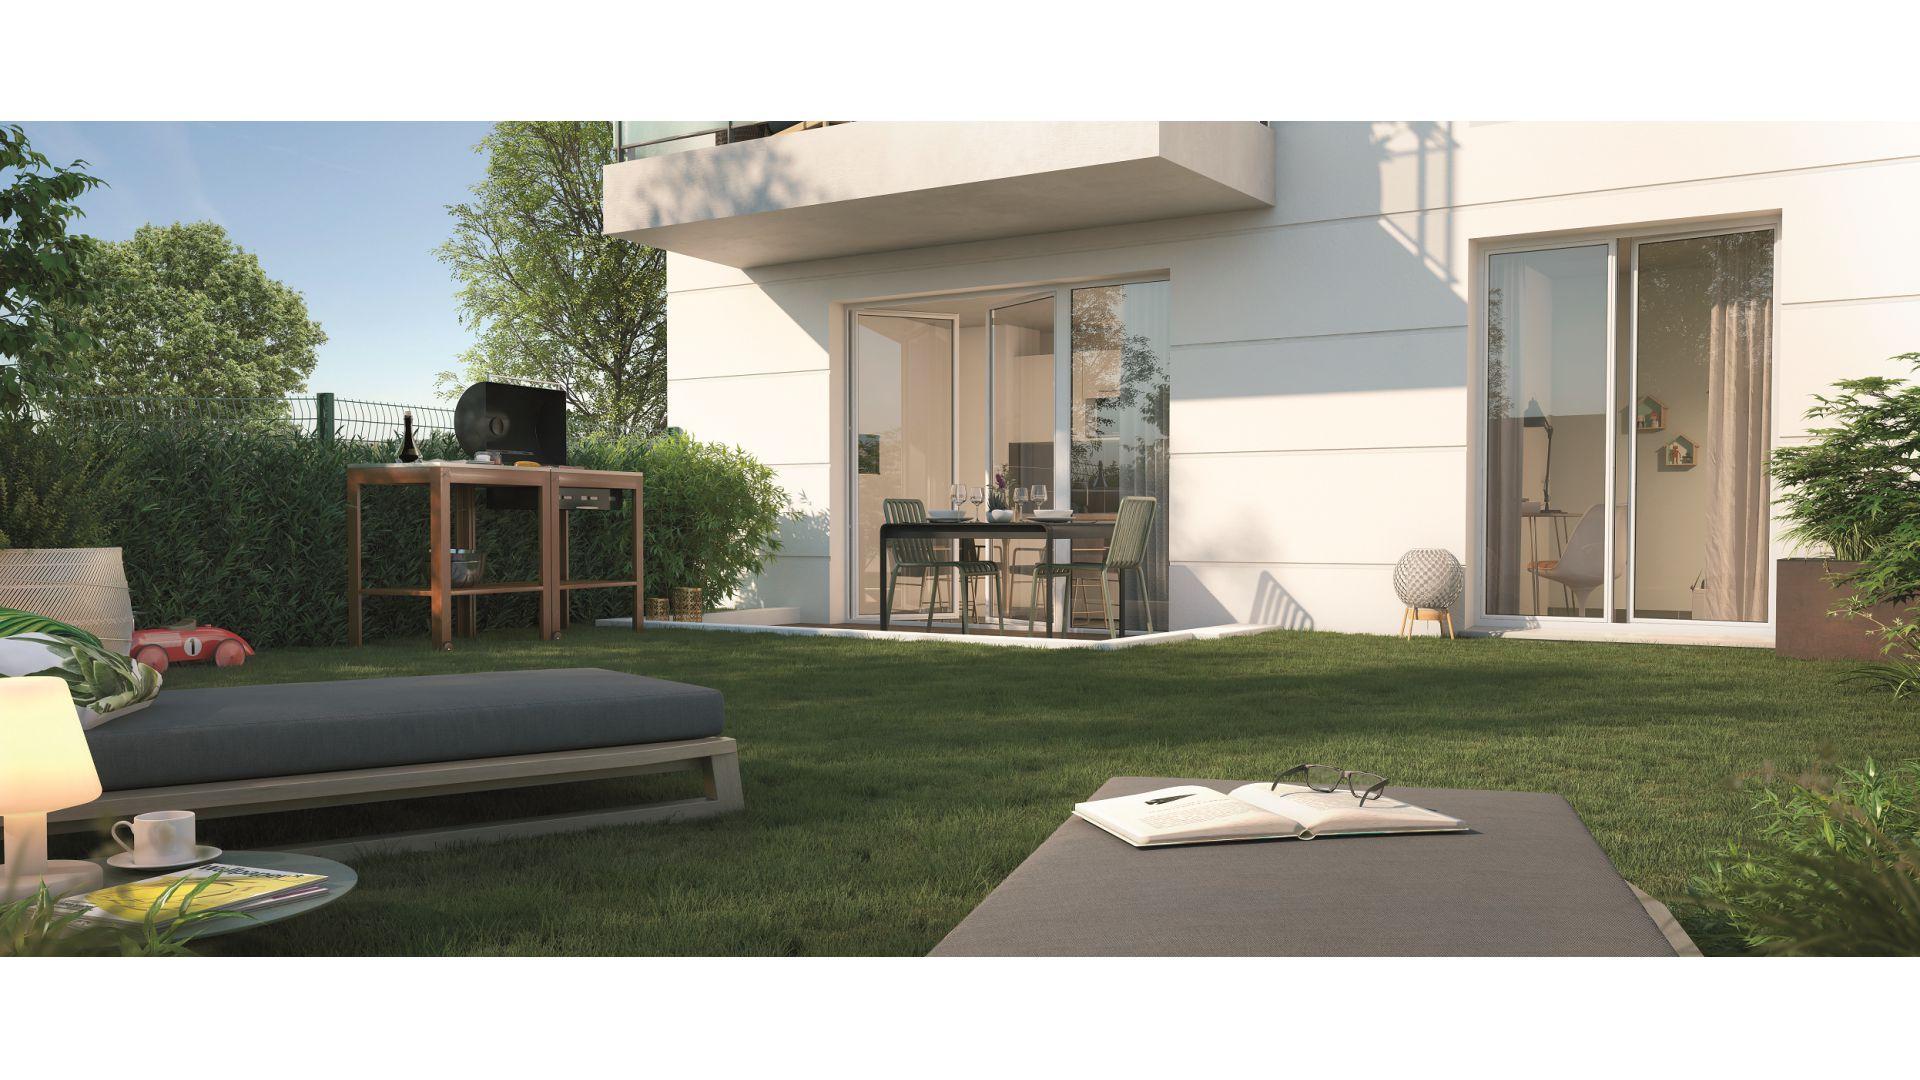 GreenCity immobilier - Résidence Cours Libération - Chennevières-sur-Marne -94430 - appartements neufs du T1Bis au T3 - vue terrasse